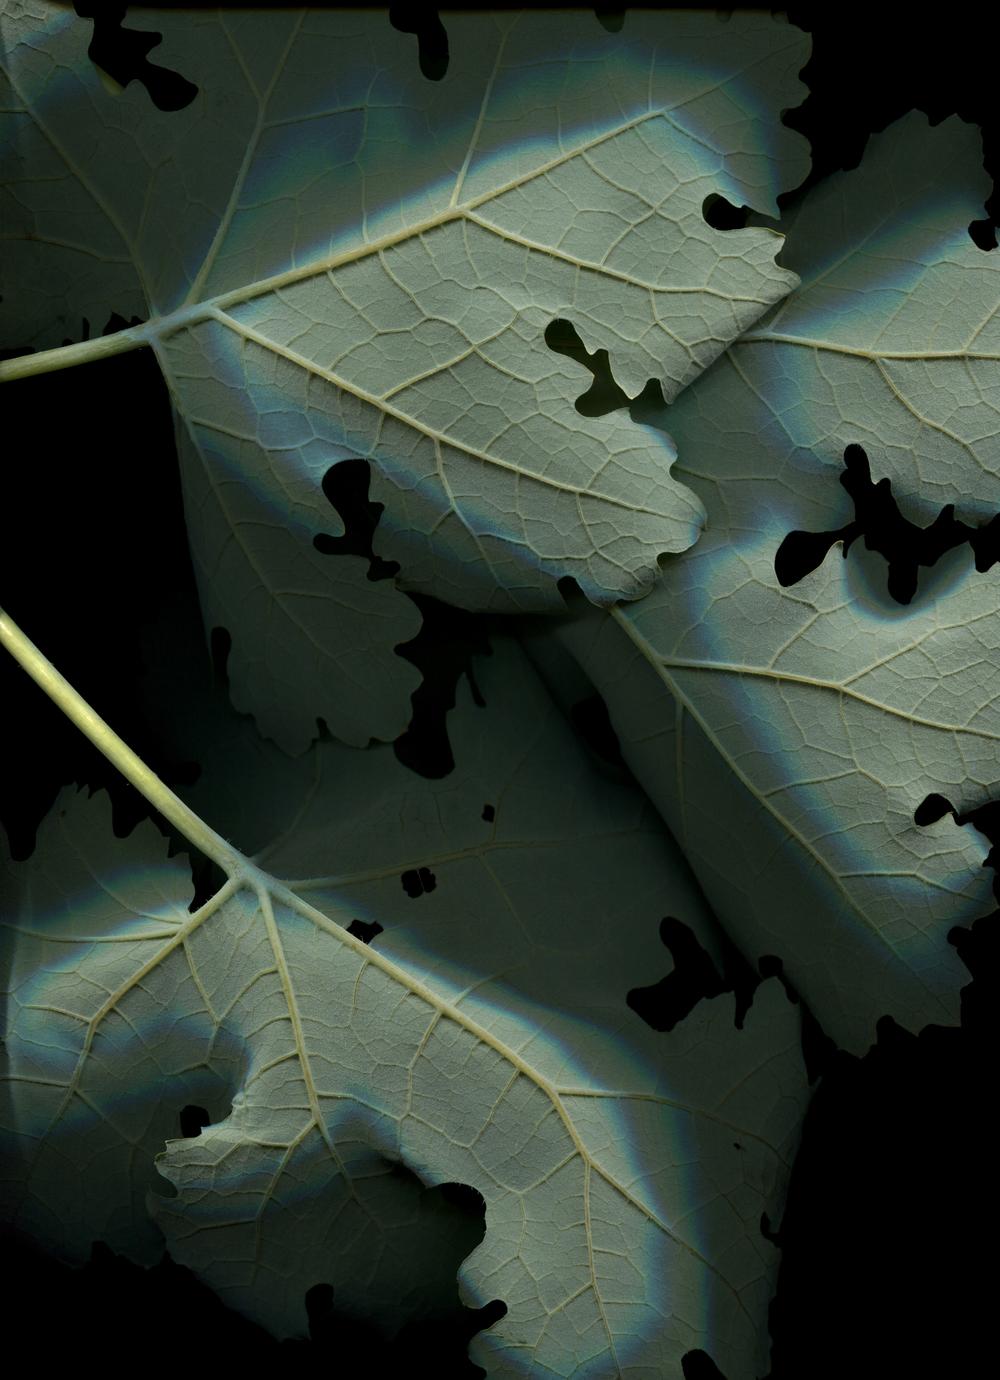 web.macleya cordata.jpg